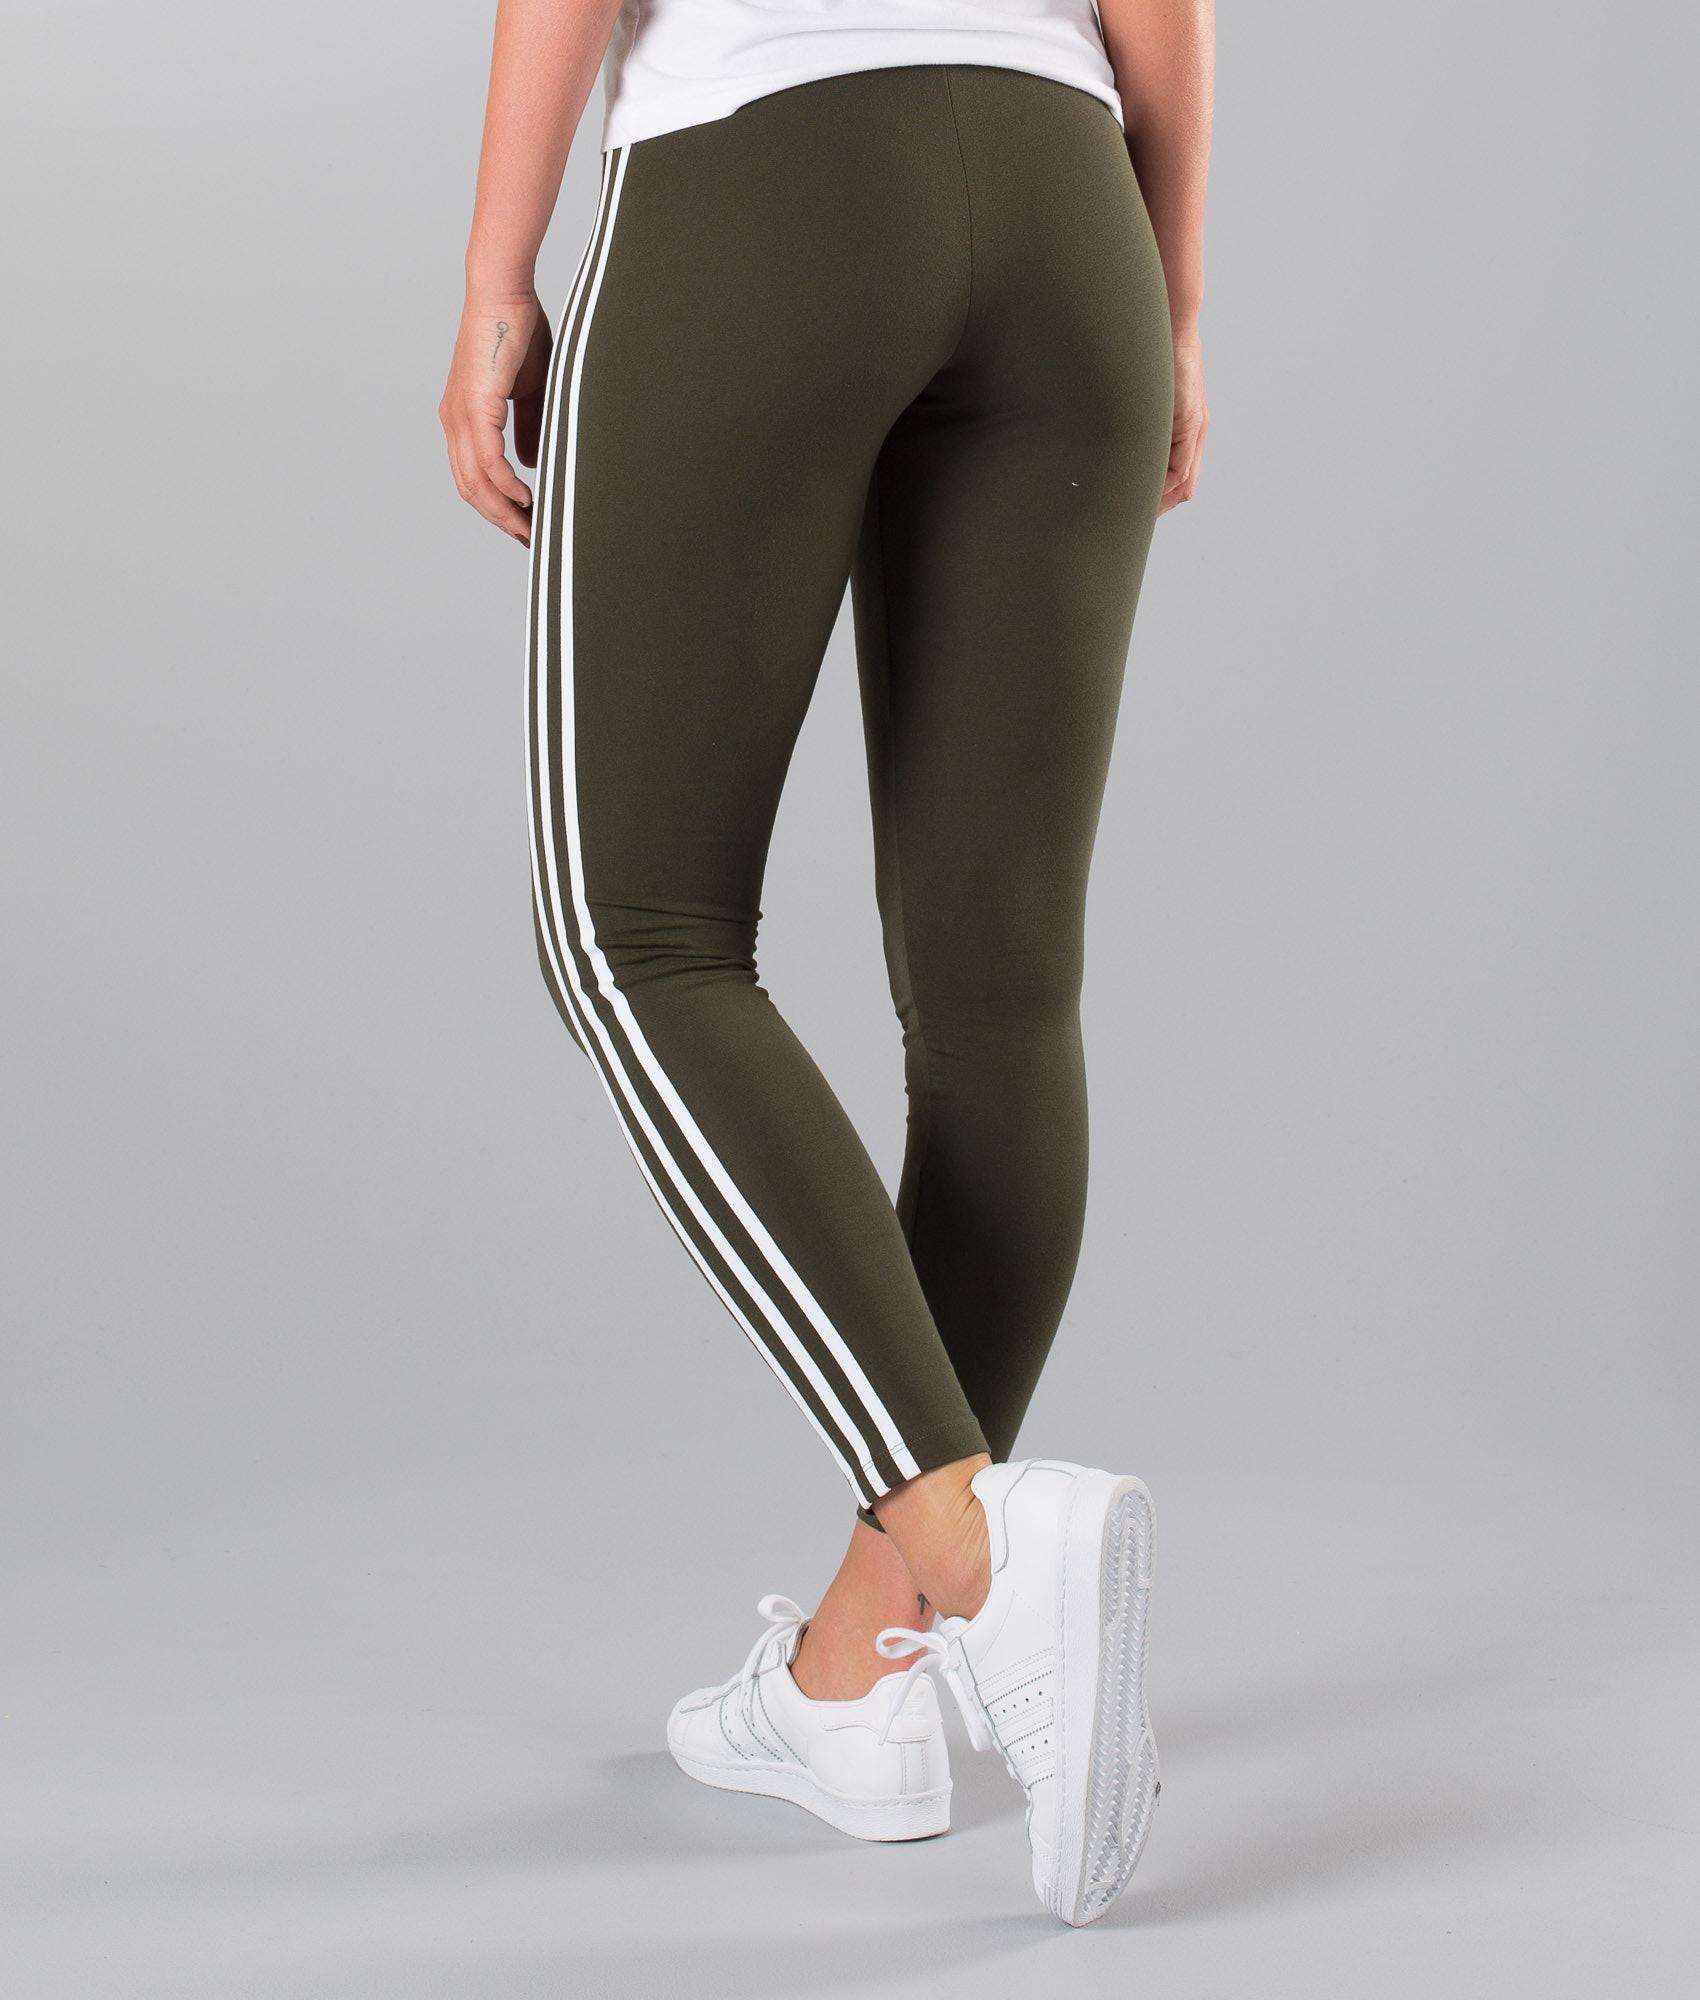 Adidas Originals 3 Stripe Leggings Night Cargo - Ridestore.com 01b7d835550ef